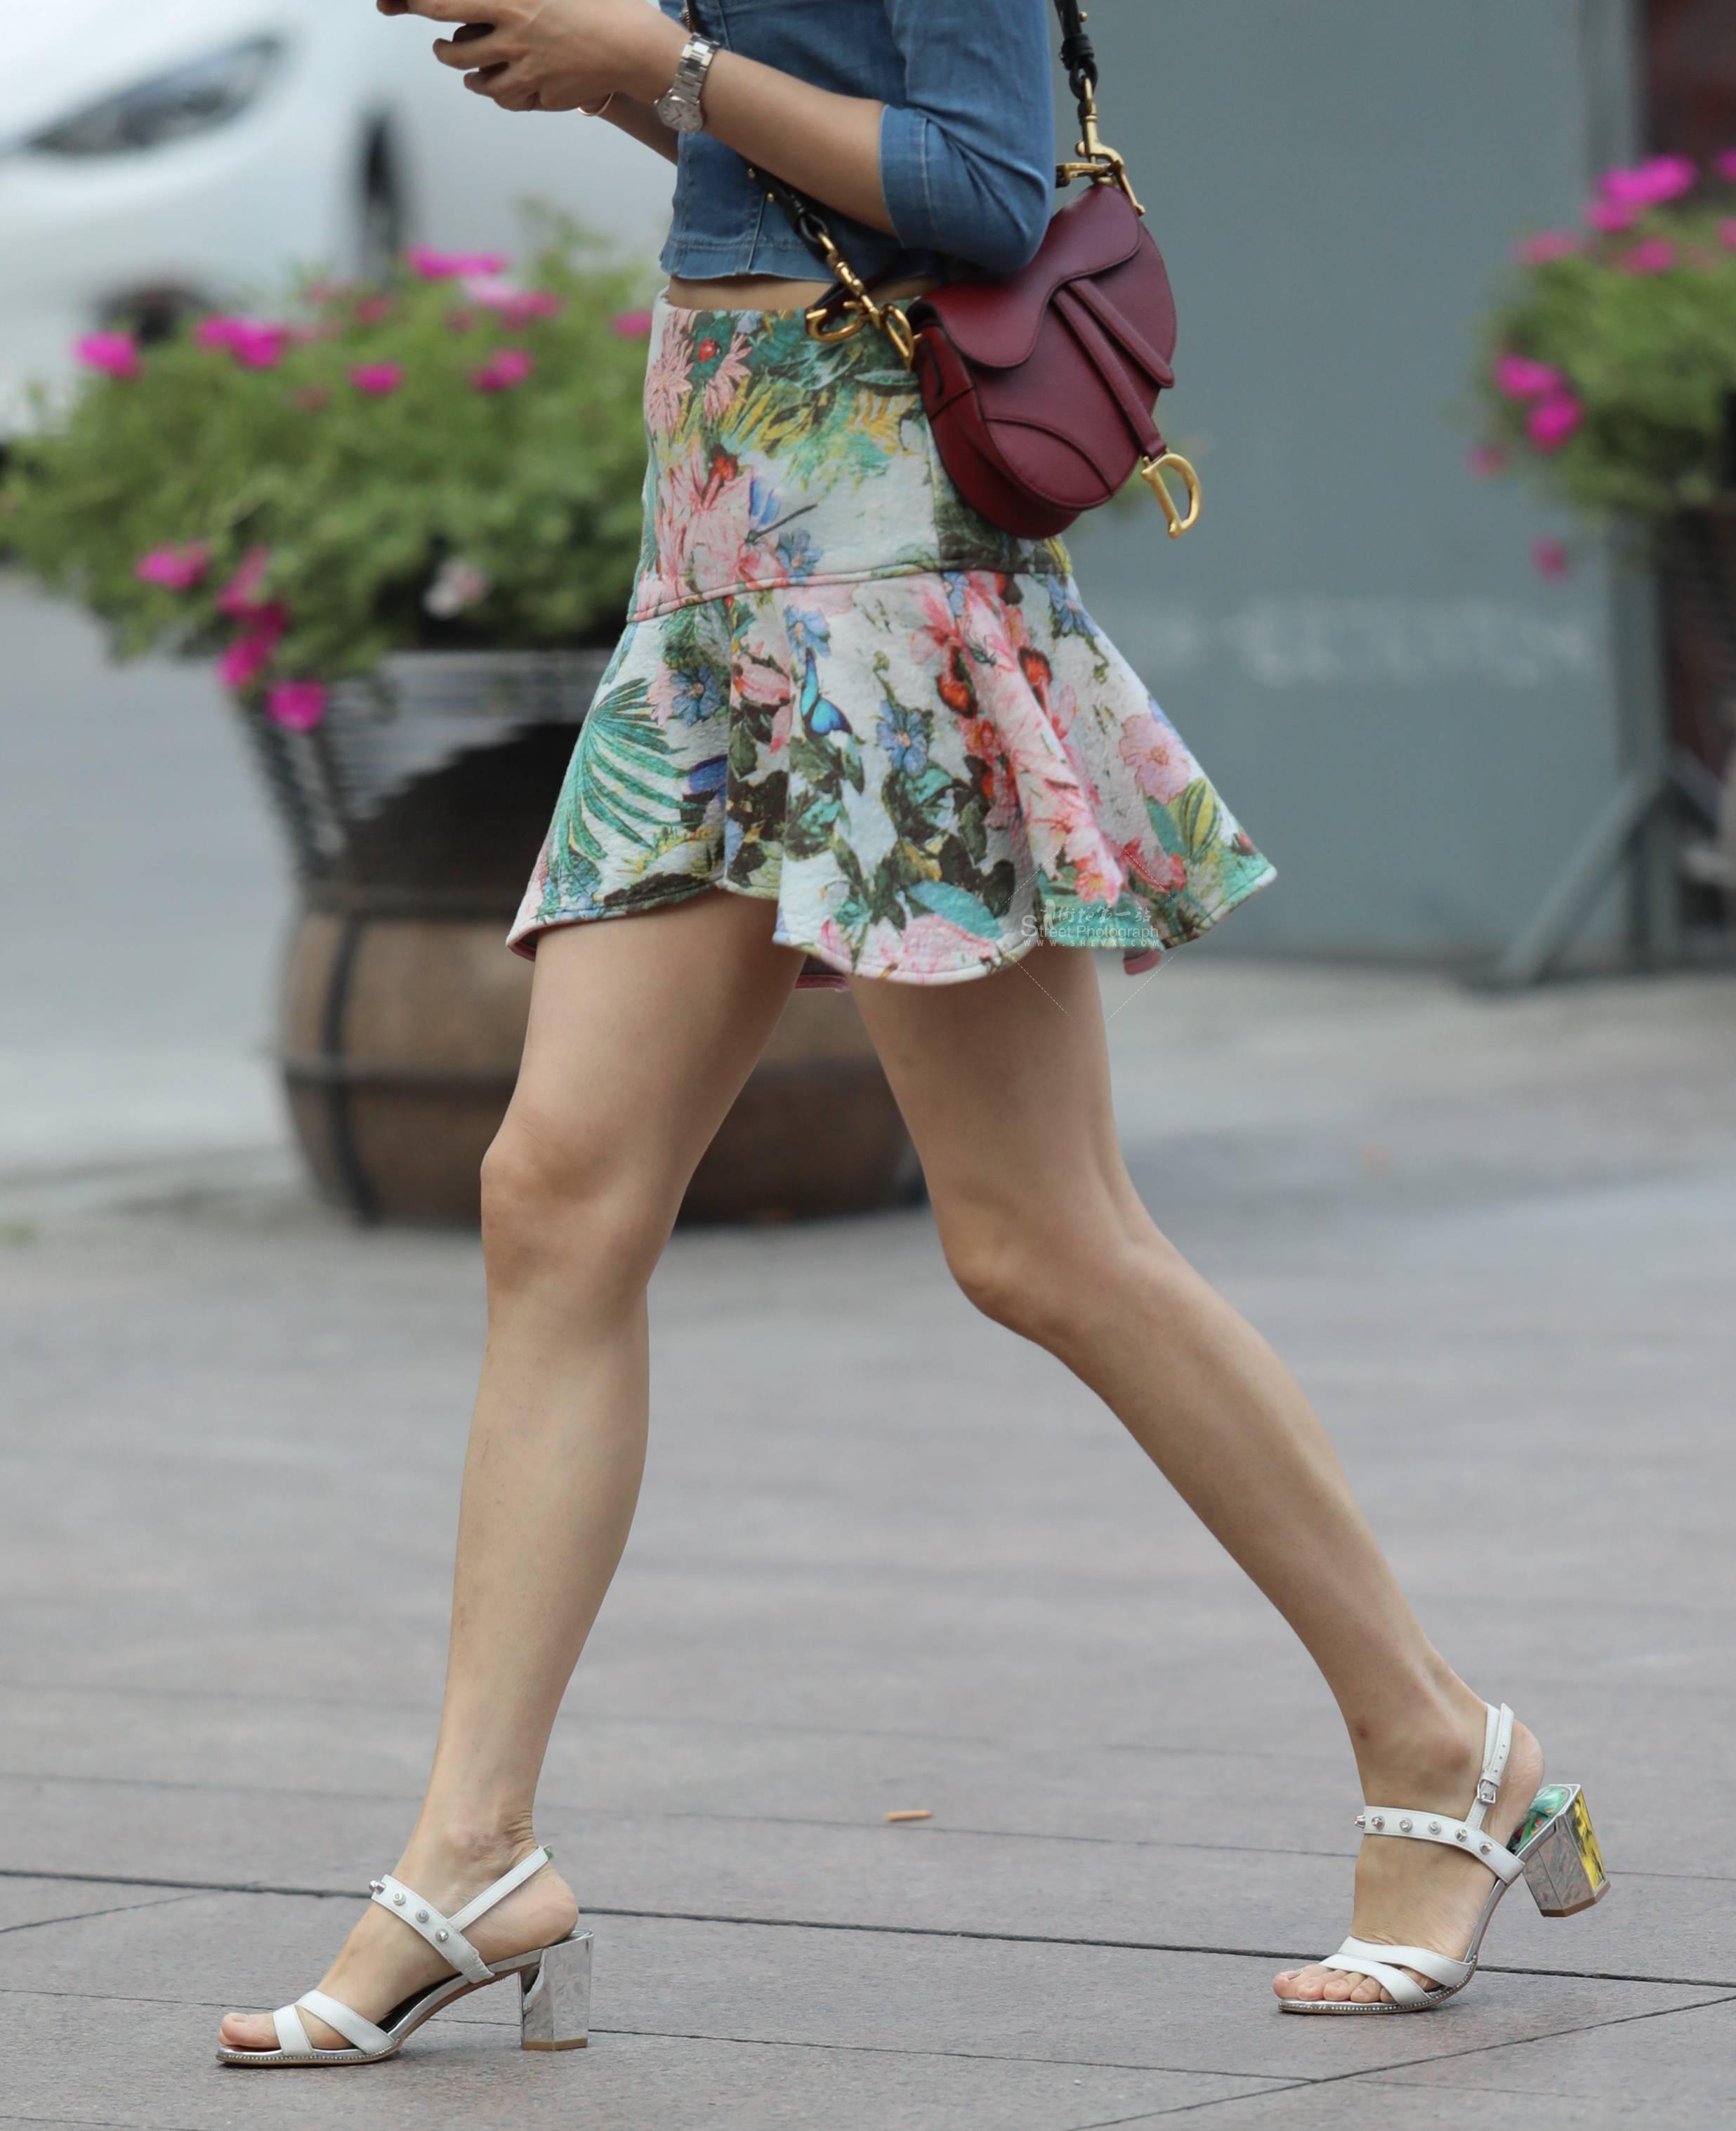 【珏一笑而过】气质花裙Shao Fu 最新街拍丝袜图片 街拍丝袜第一站